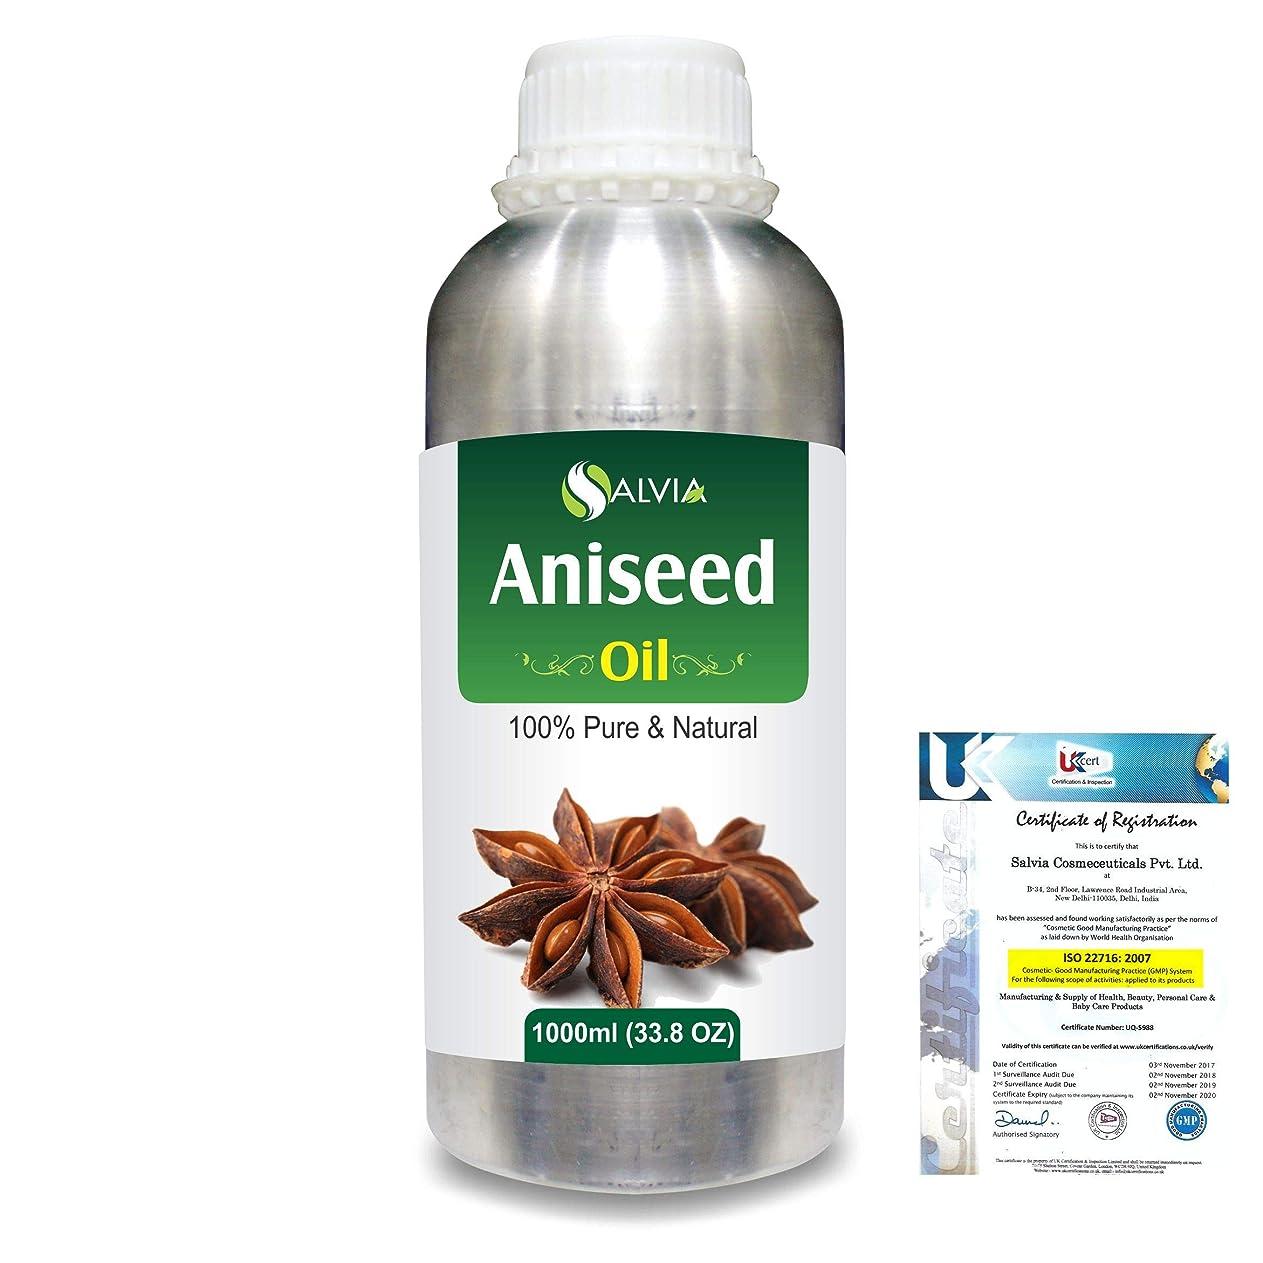 ペナルティ環境保護主義者英語の授業がありますAniseed (Pimpinella anisum) 100% Natural Pure Essential Oil 1000ml/33.8fl.oz.